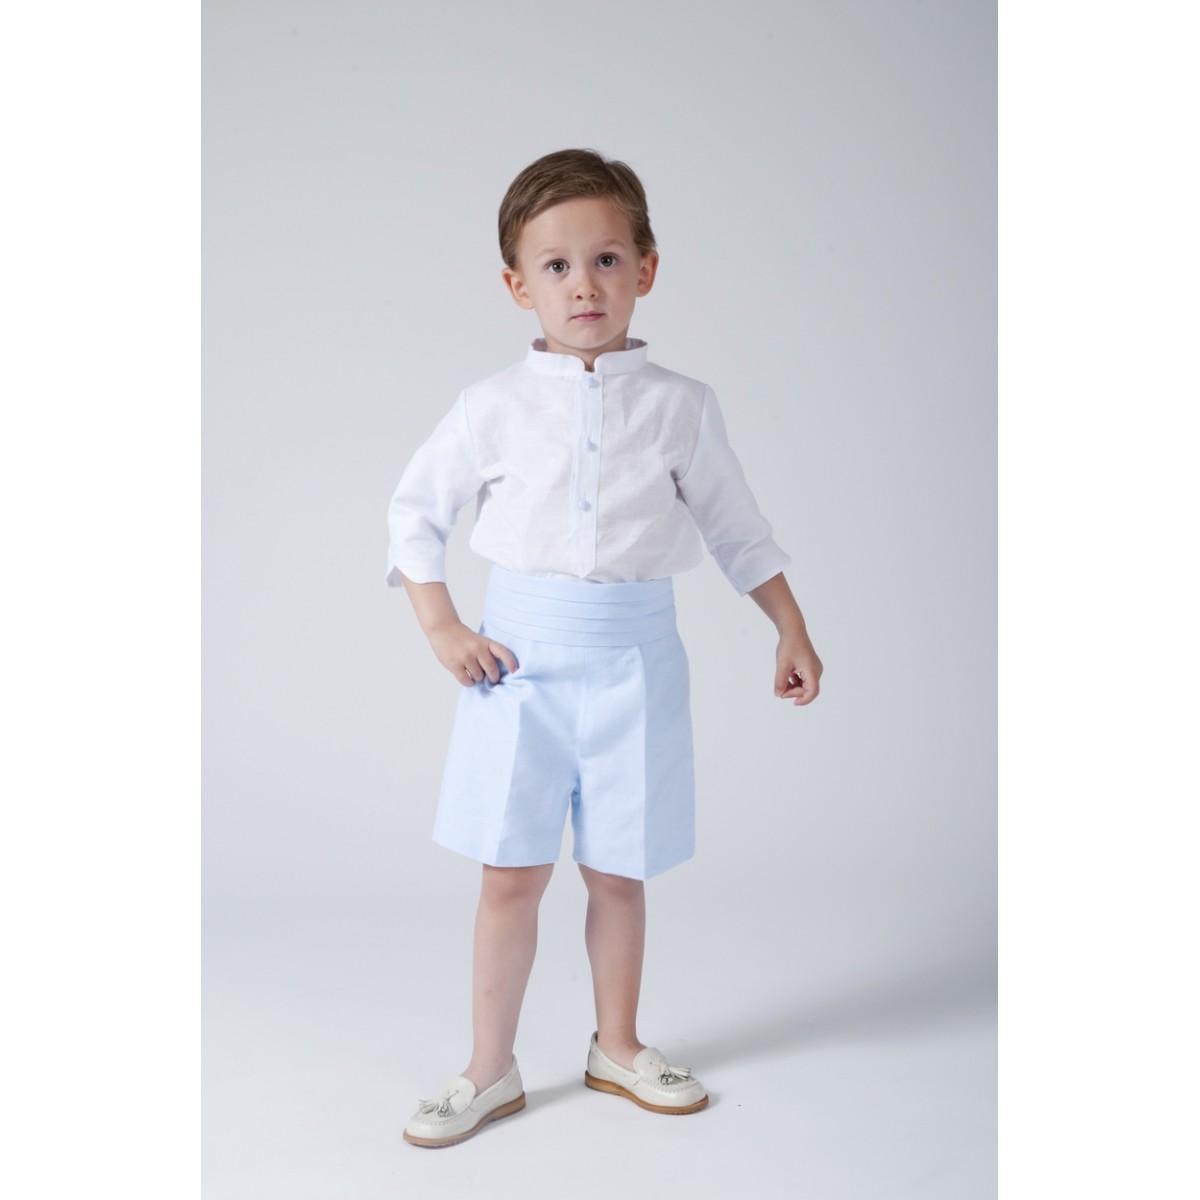 f1ade8984 Traje de niño para boda. Lino blanco con celeste - Golositos Ropa ...